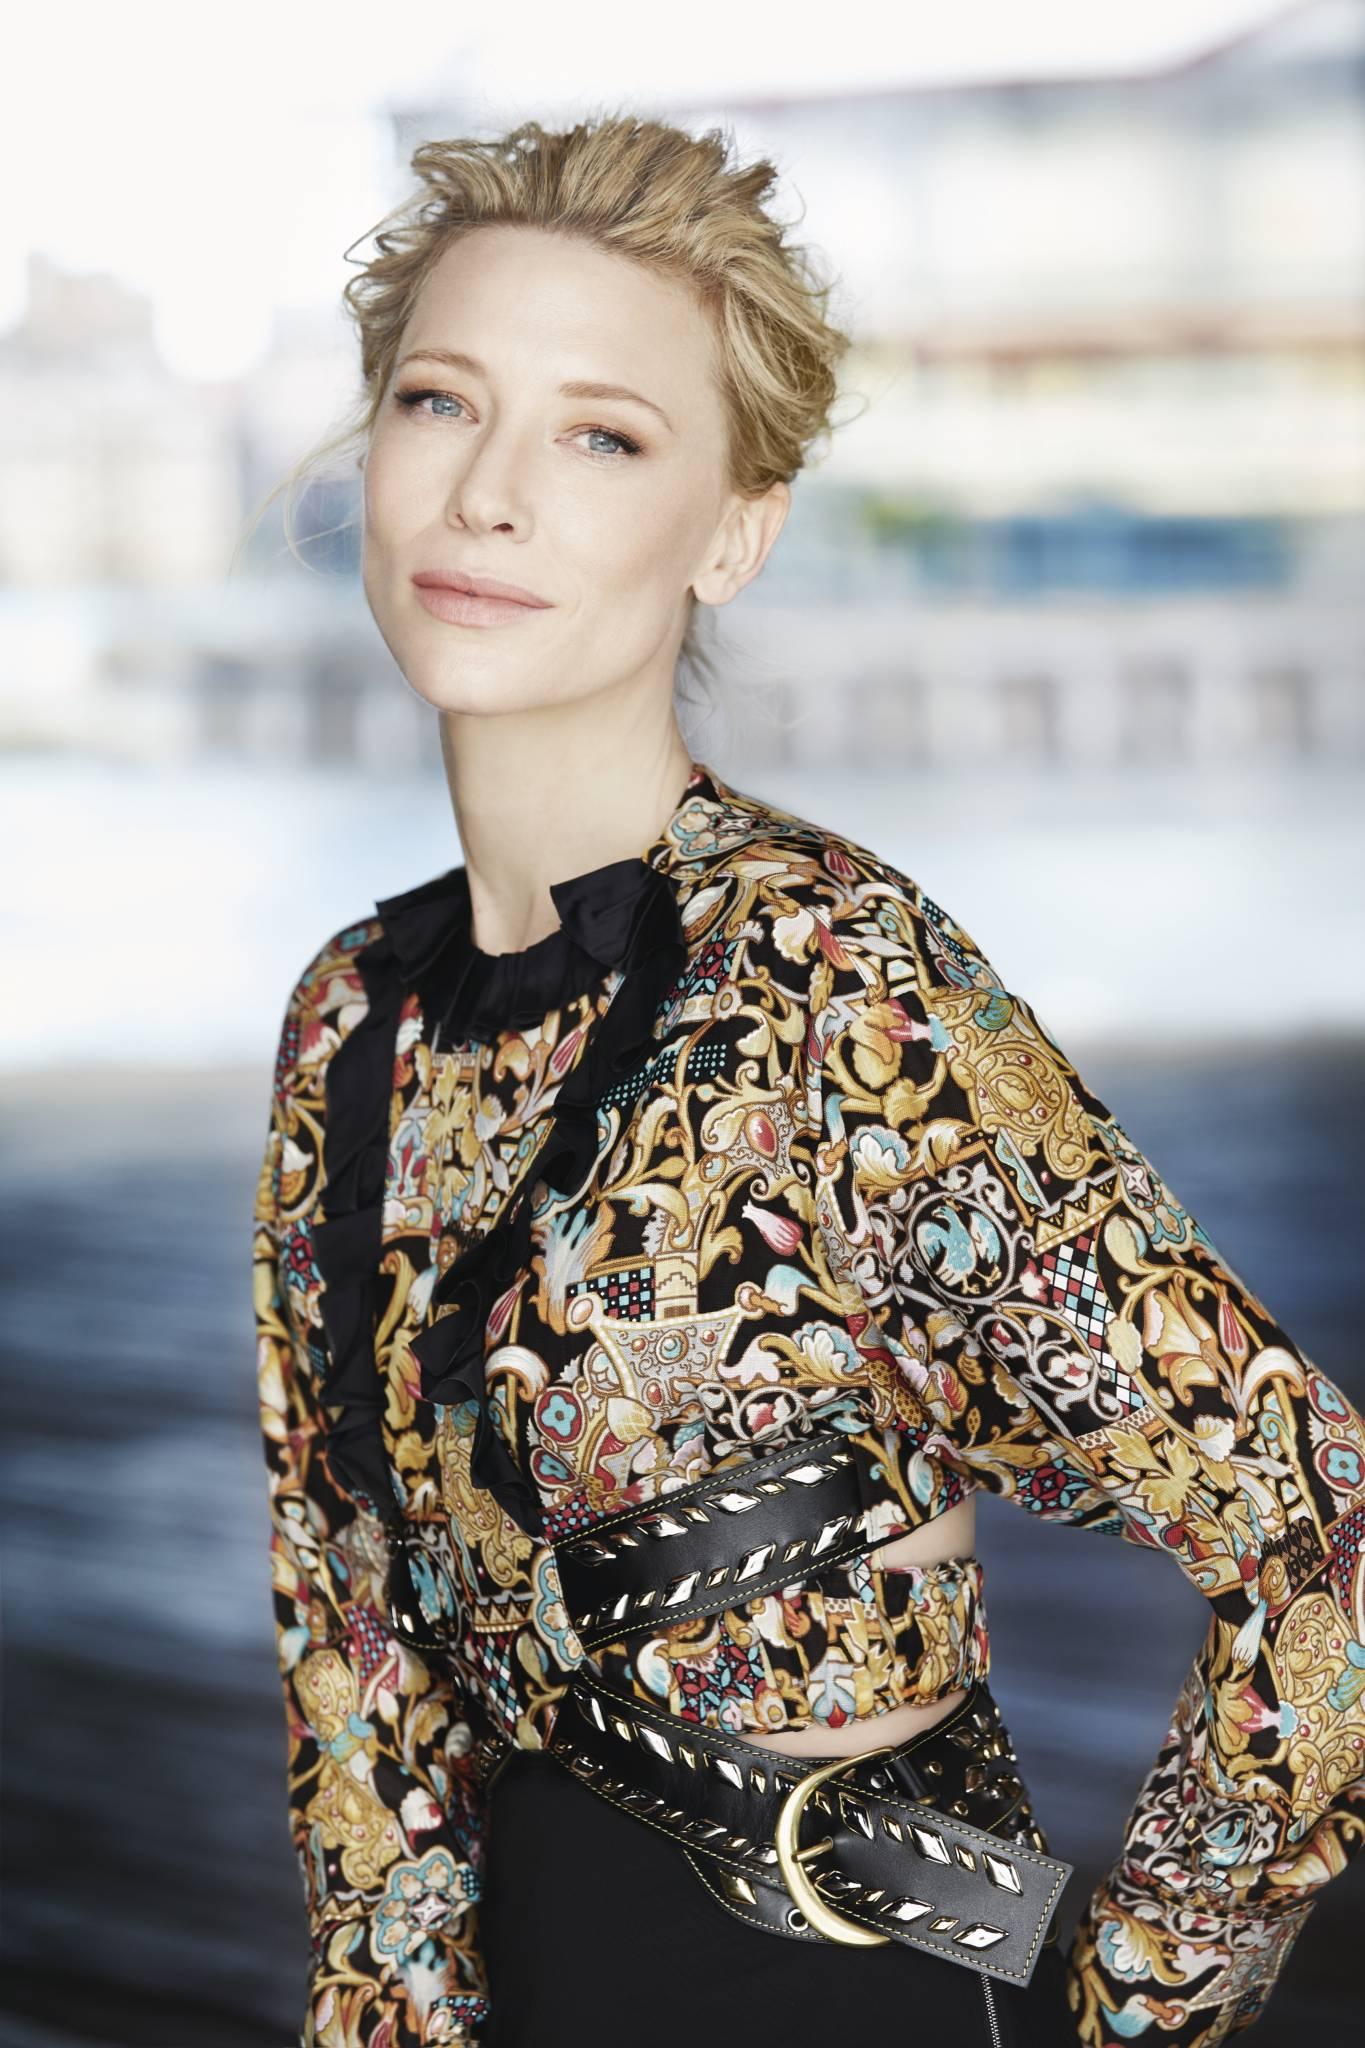 Cate Blanchett: Na moich zasadach